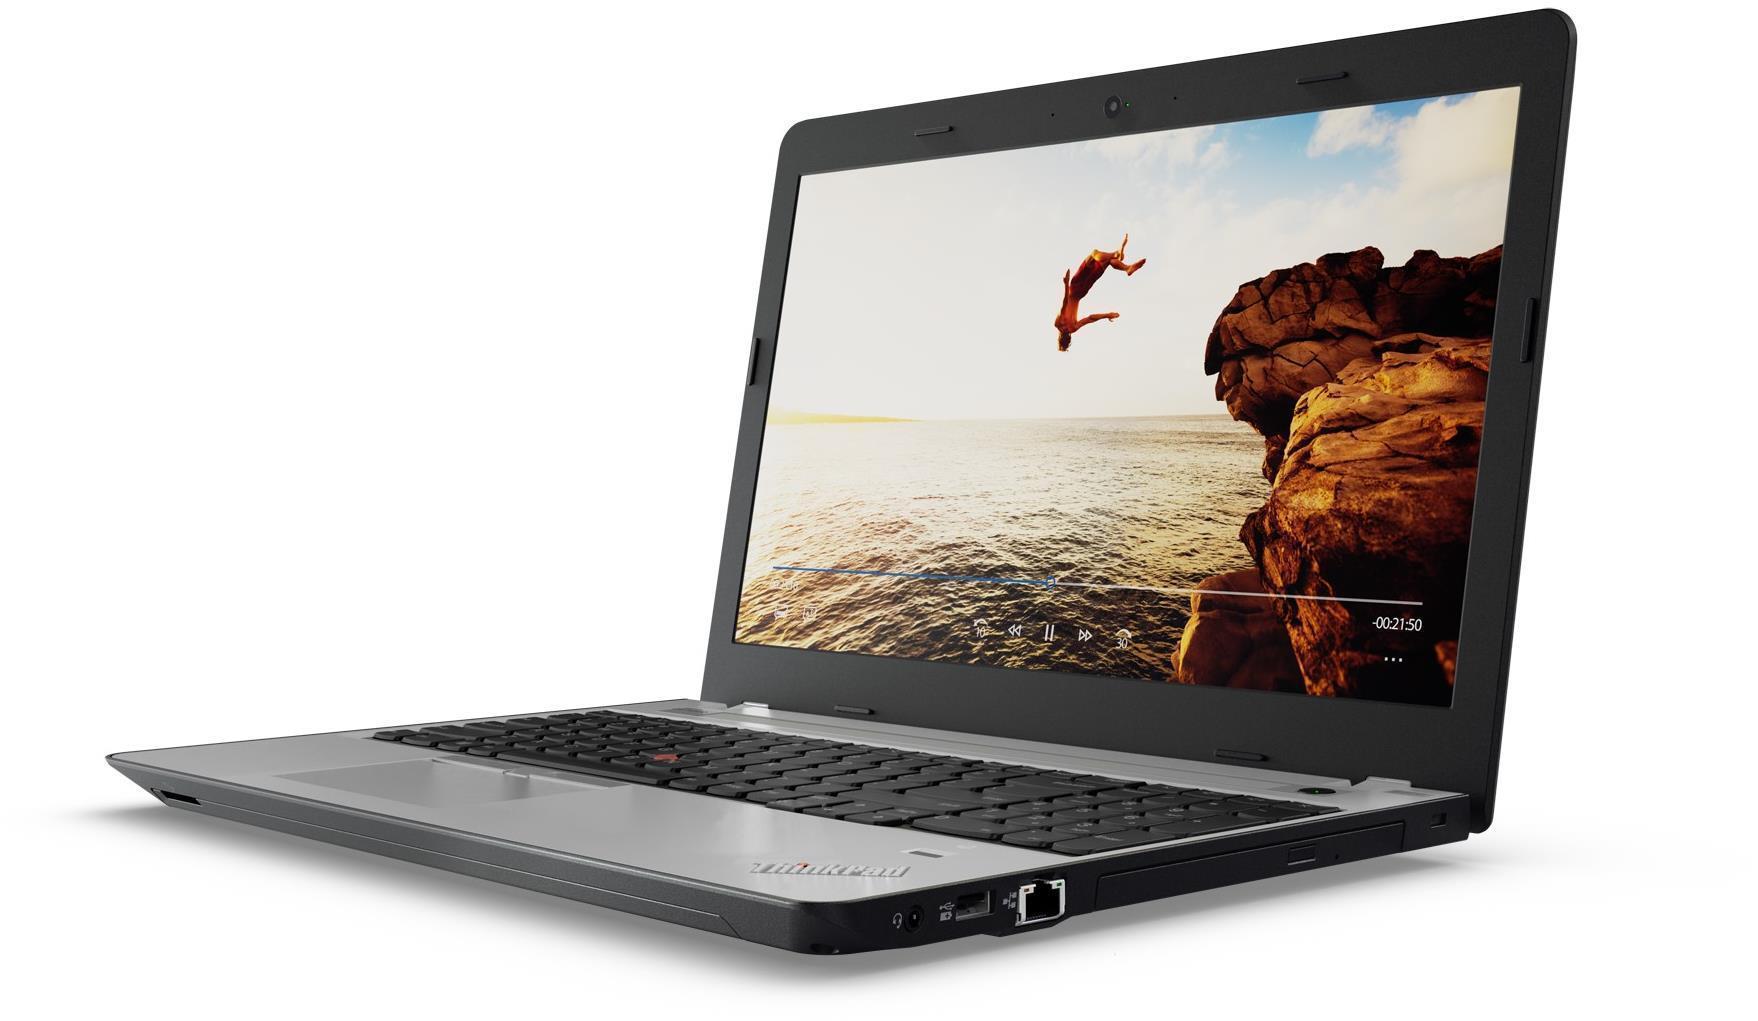 """Lenovo ThinkPad E570 i7-7500U/8GB/256GB SSD/DVD±RW/GeForce GTX 950MX 2GB/15,6""""FHD matný/Win10 černo-stříbrný"""